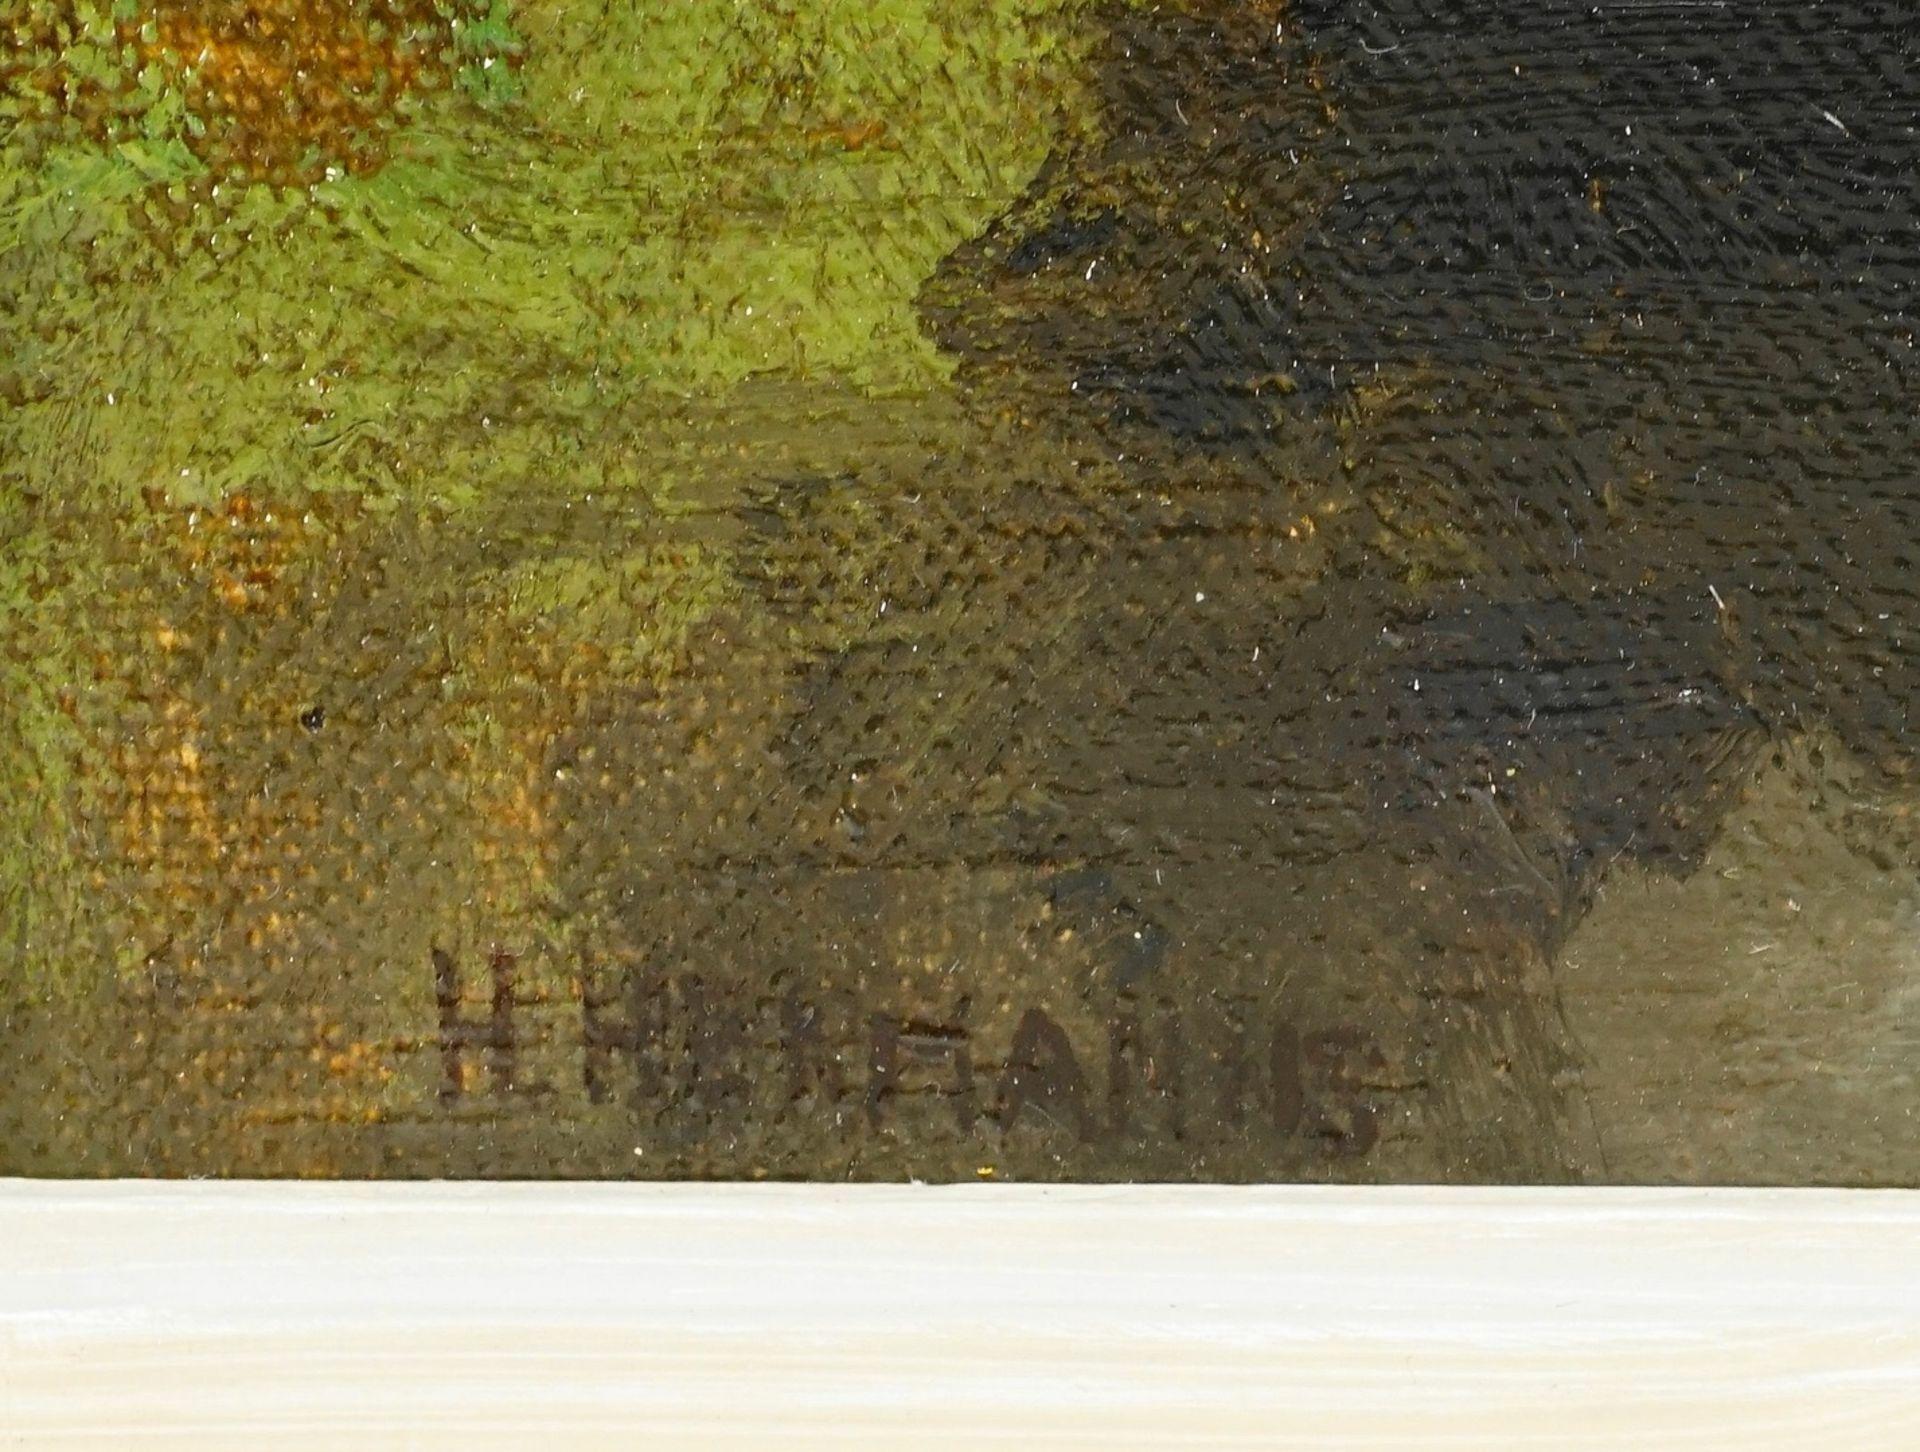 Heinrich Hermanns, Impression aus Delft (Niederlande) - Bild 4 aus 4